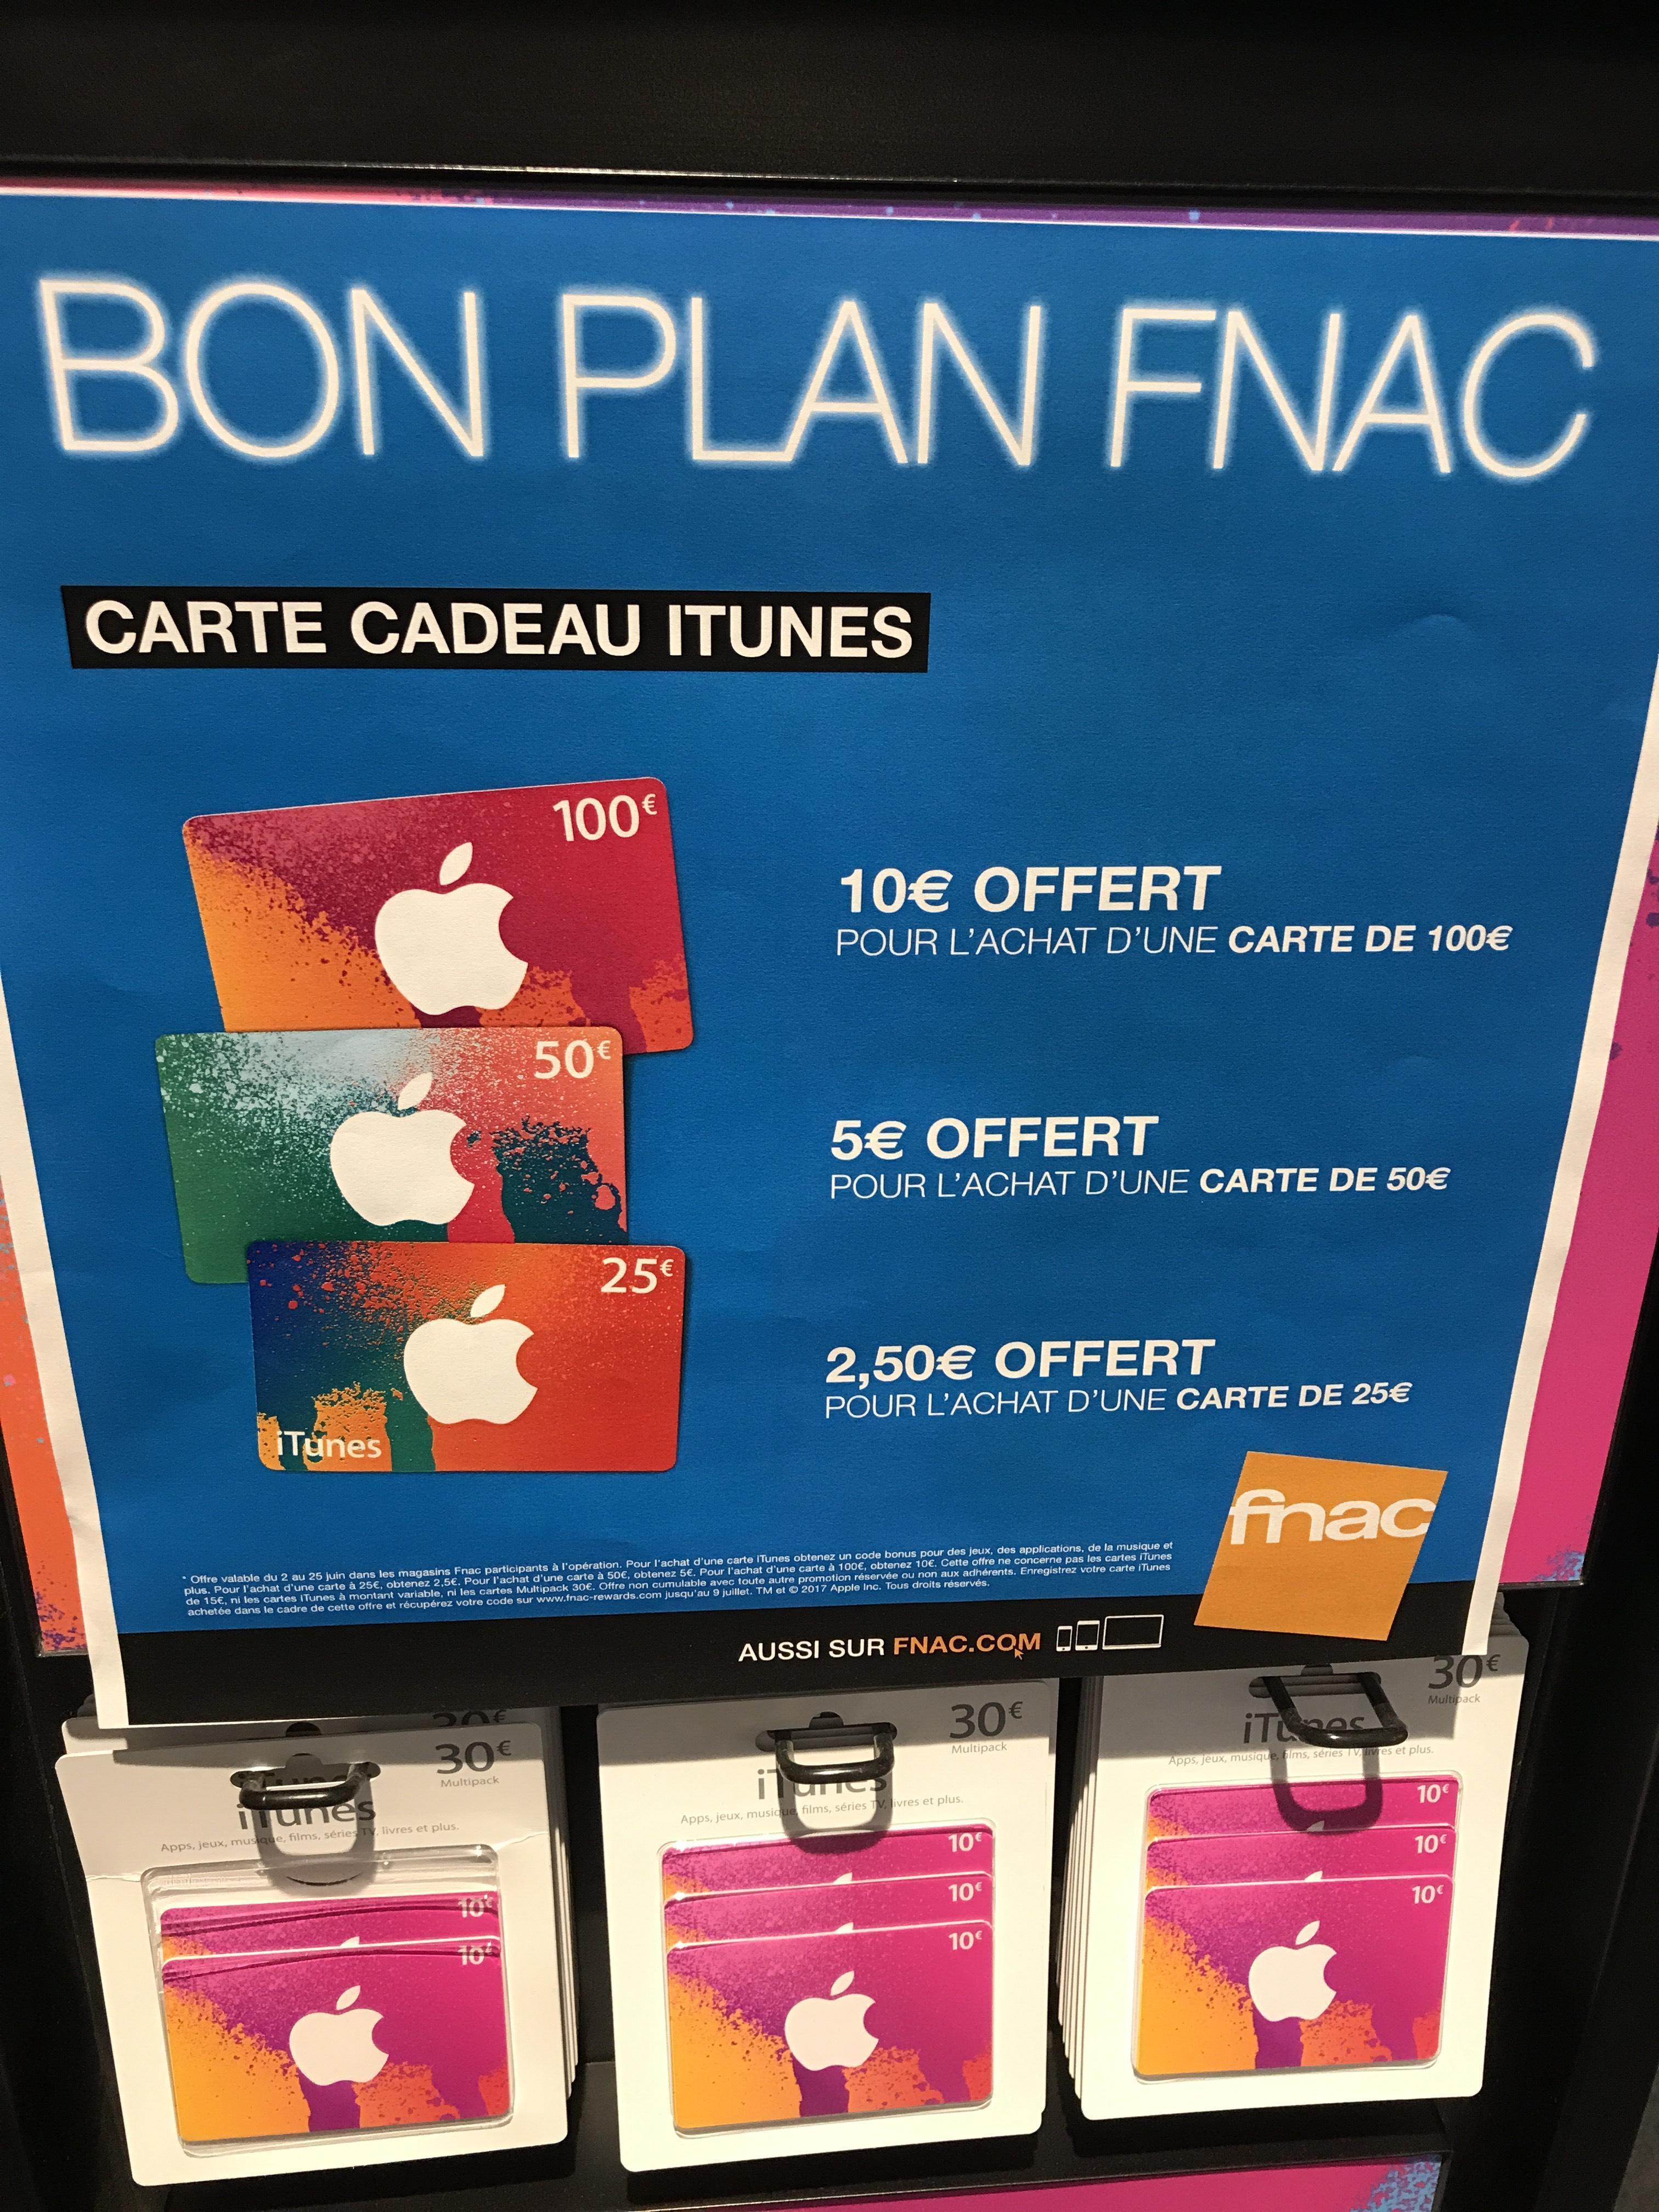 10€ offerts pour l'achat d'une carte cadeau iTunes de 100€, 5€ pour 50€ et 2.5€